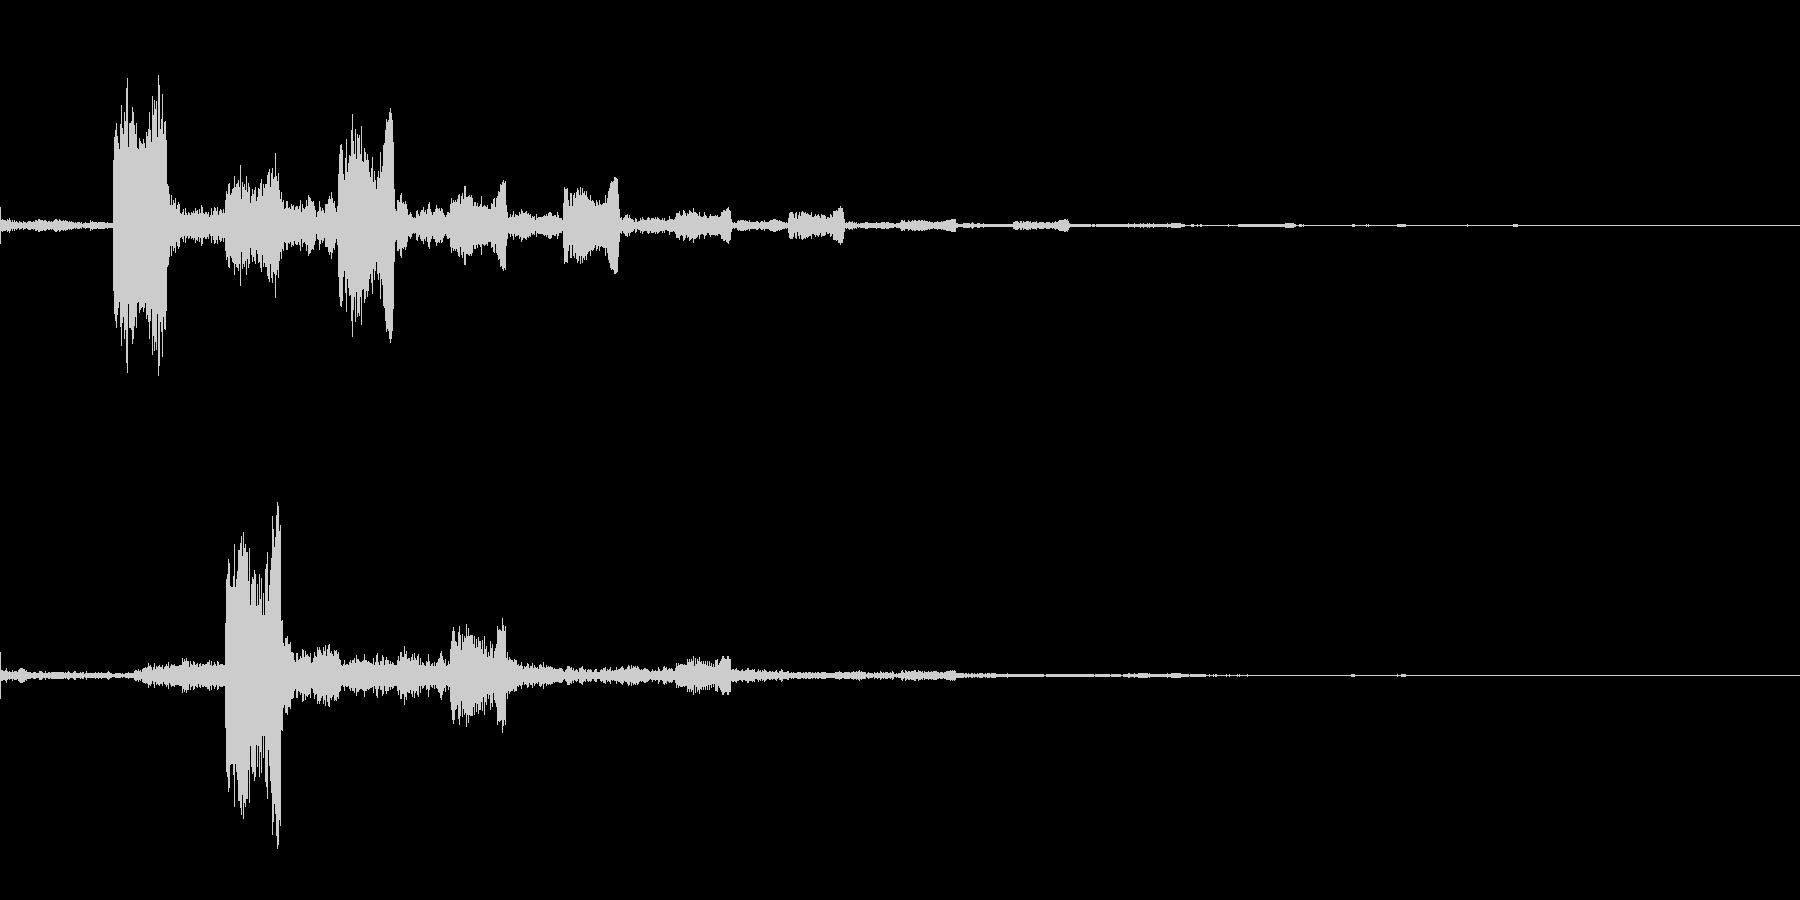 フワ フワッ インパクト音 ロゴの未再生の波形